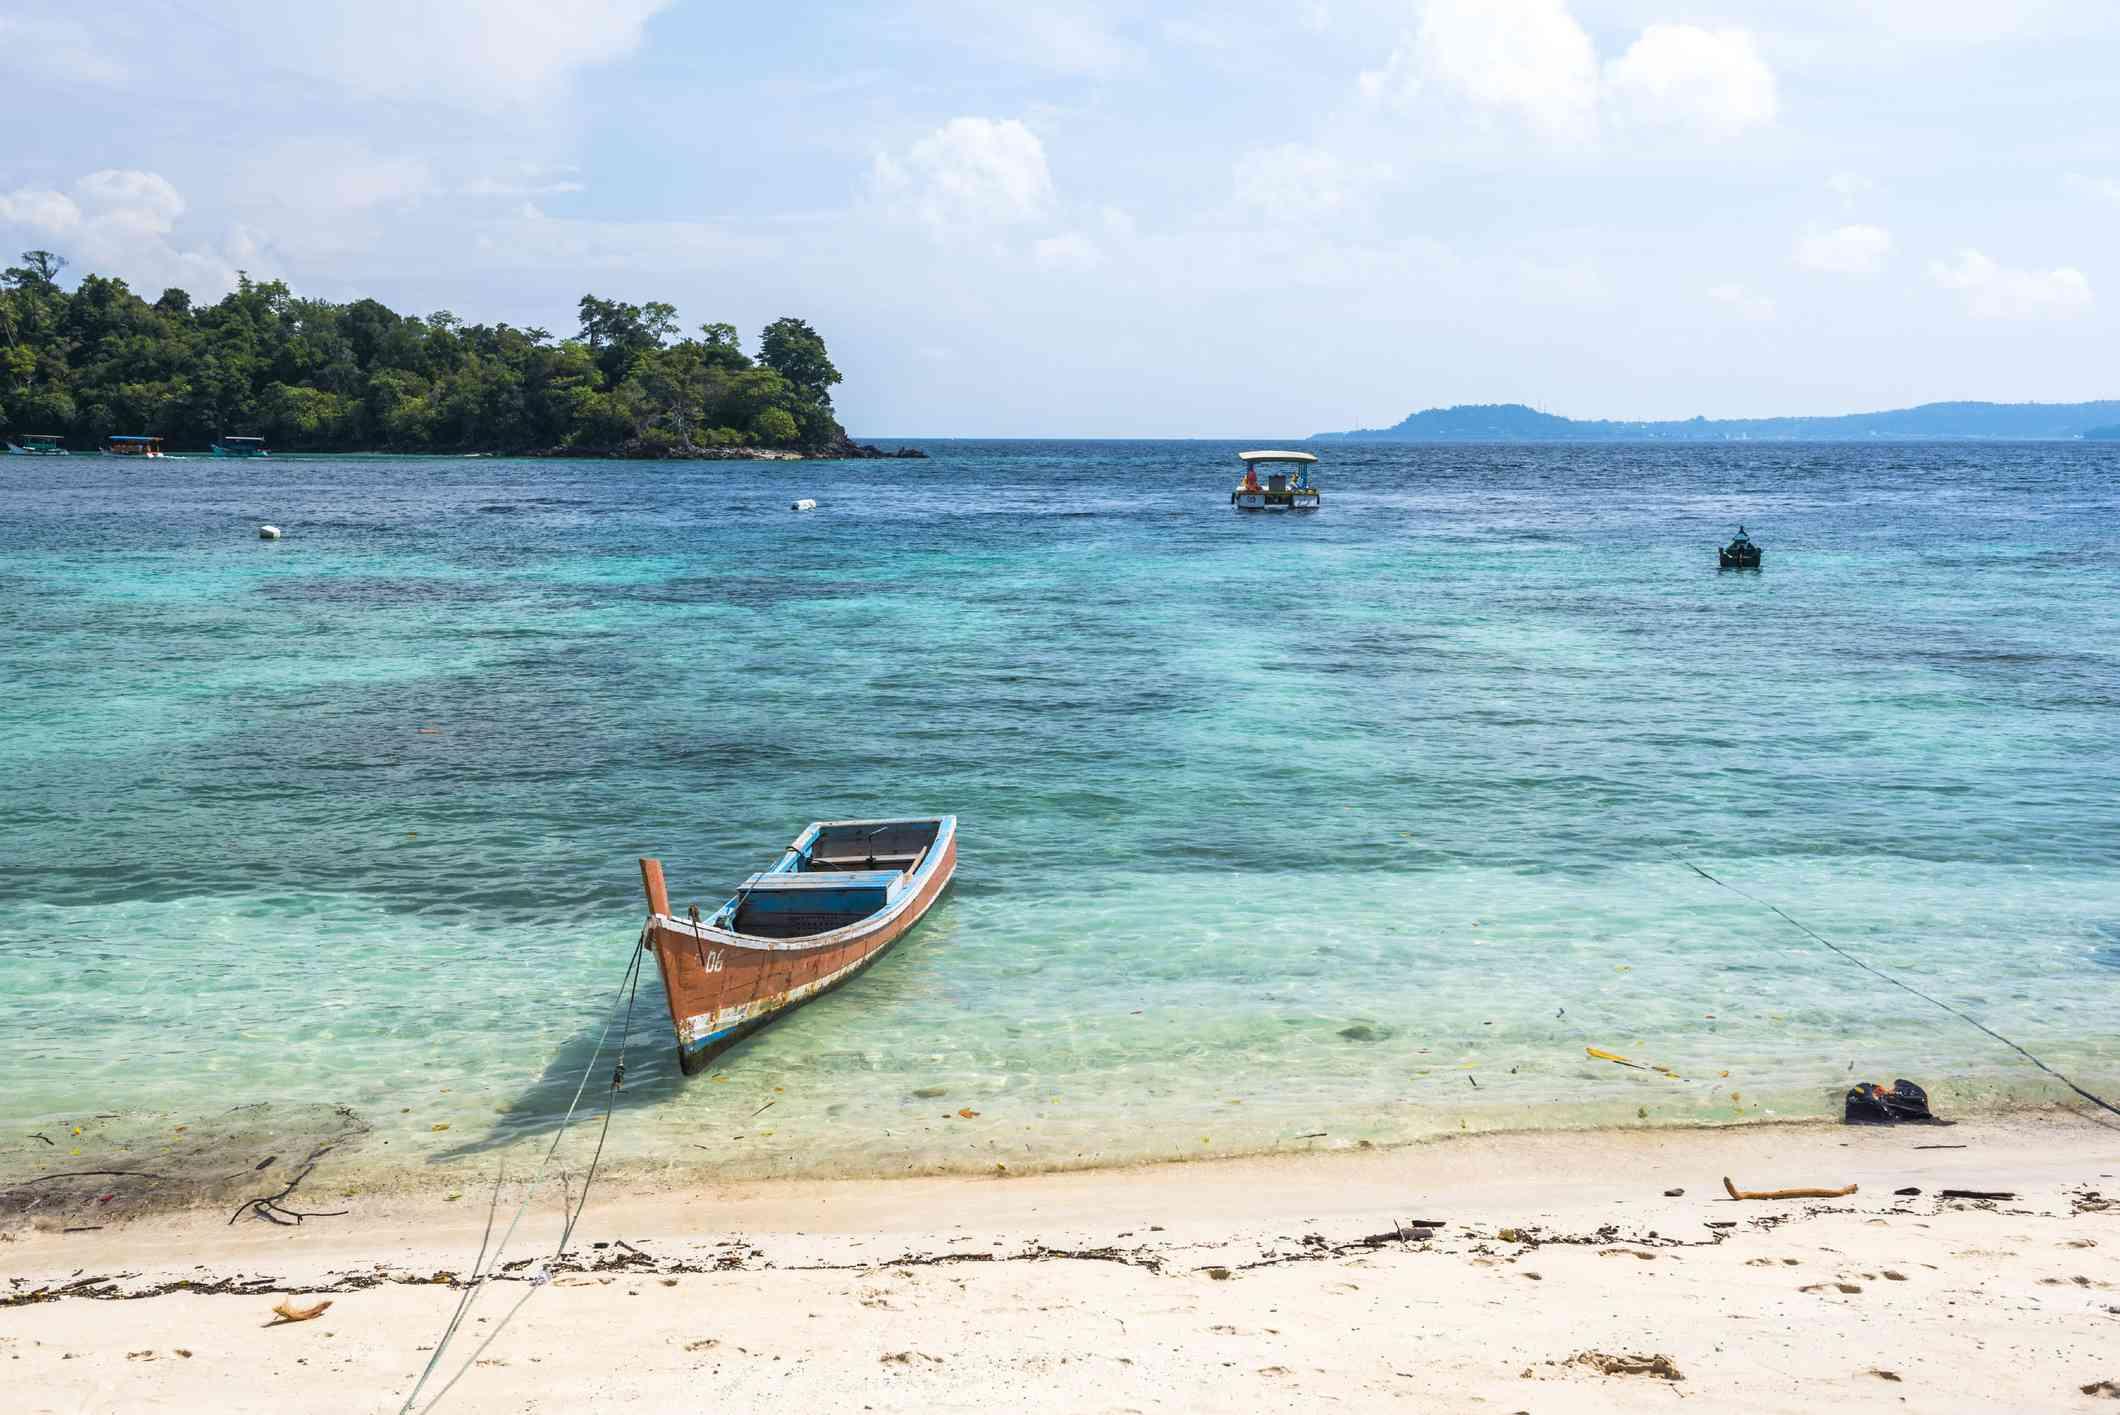 Iboih Beach, Pulau Weh Island, Aceh